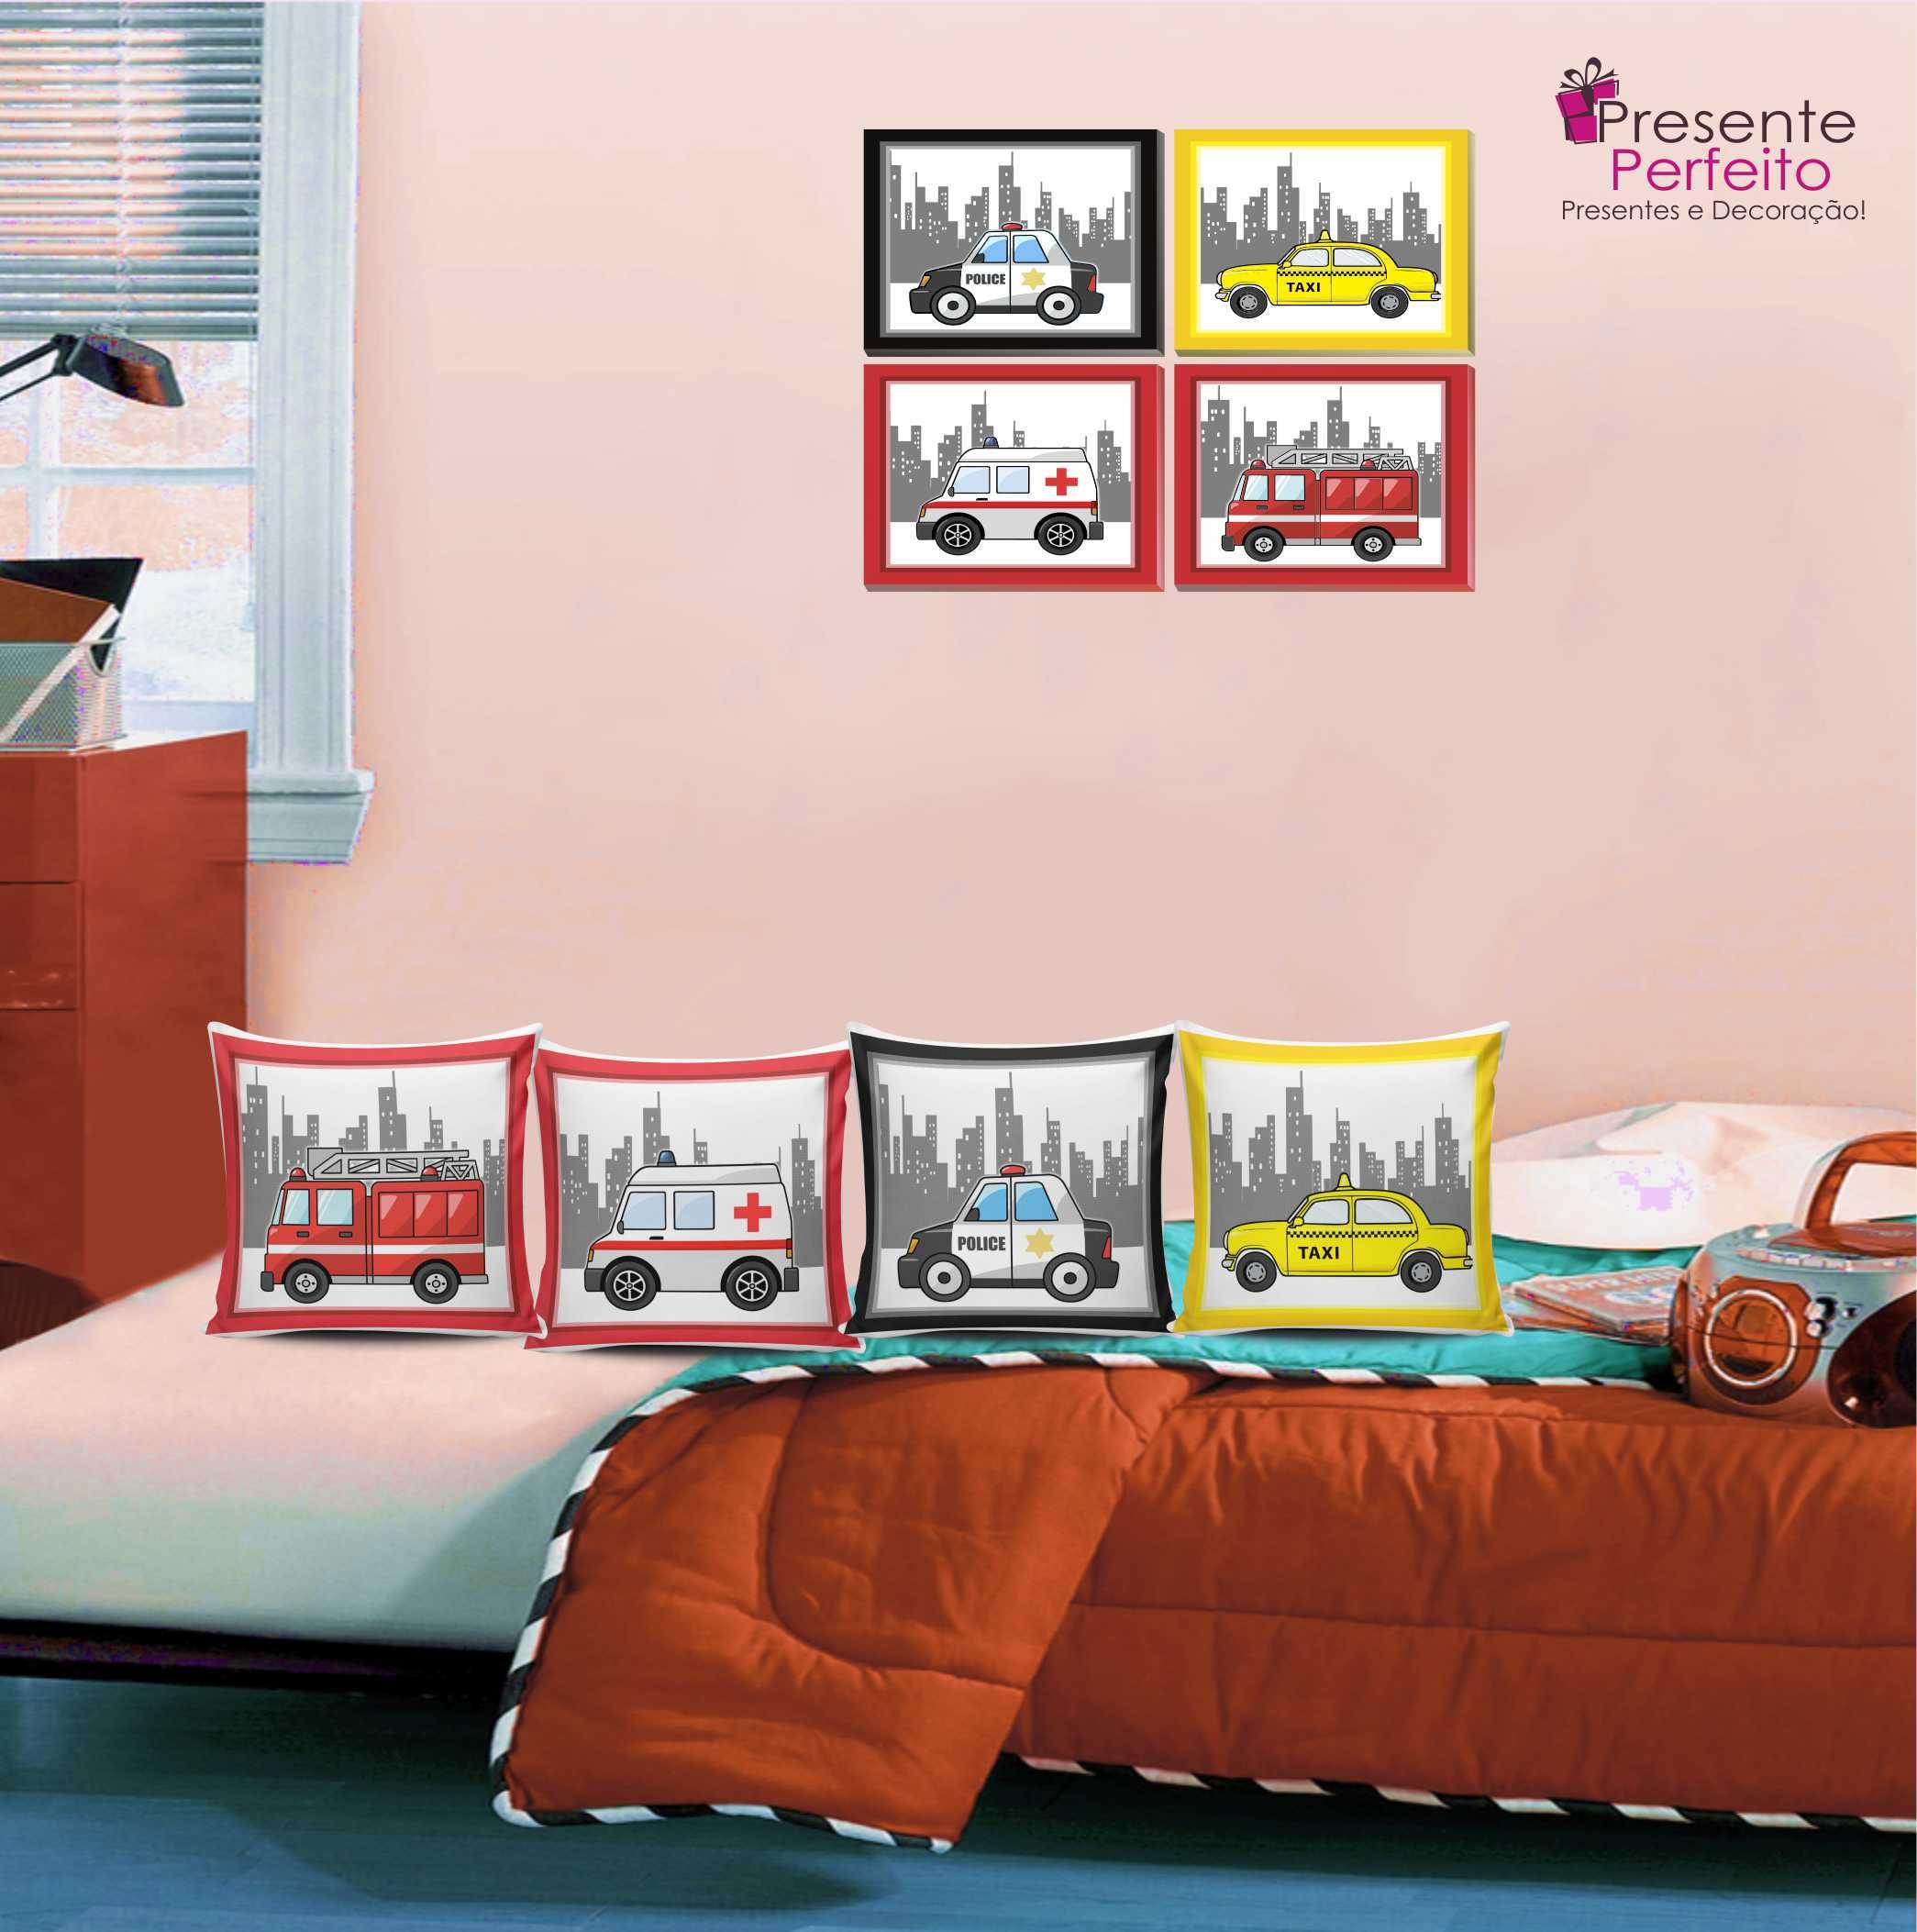 Quarto Menino Menina 2 Kits Decora O Loja Presente Perfeito  ~ Decoração De Quarto Criativa E Decoração Quarto De Bebe